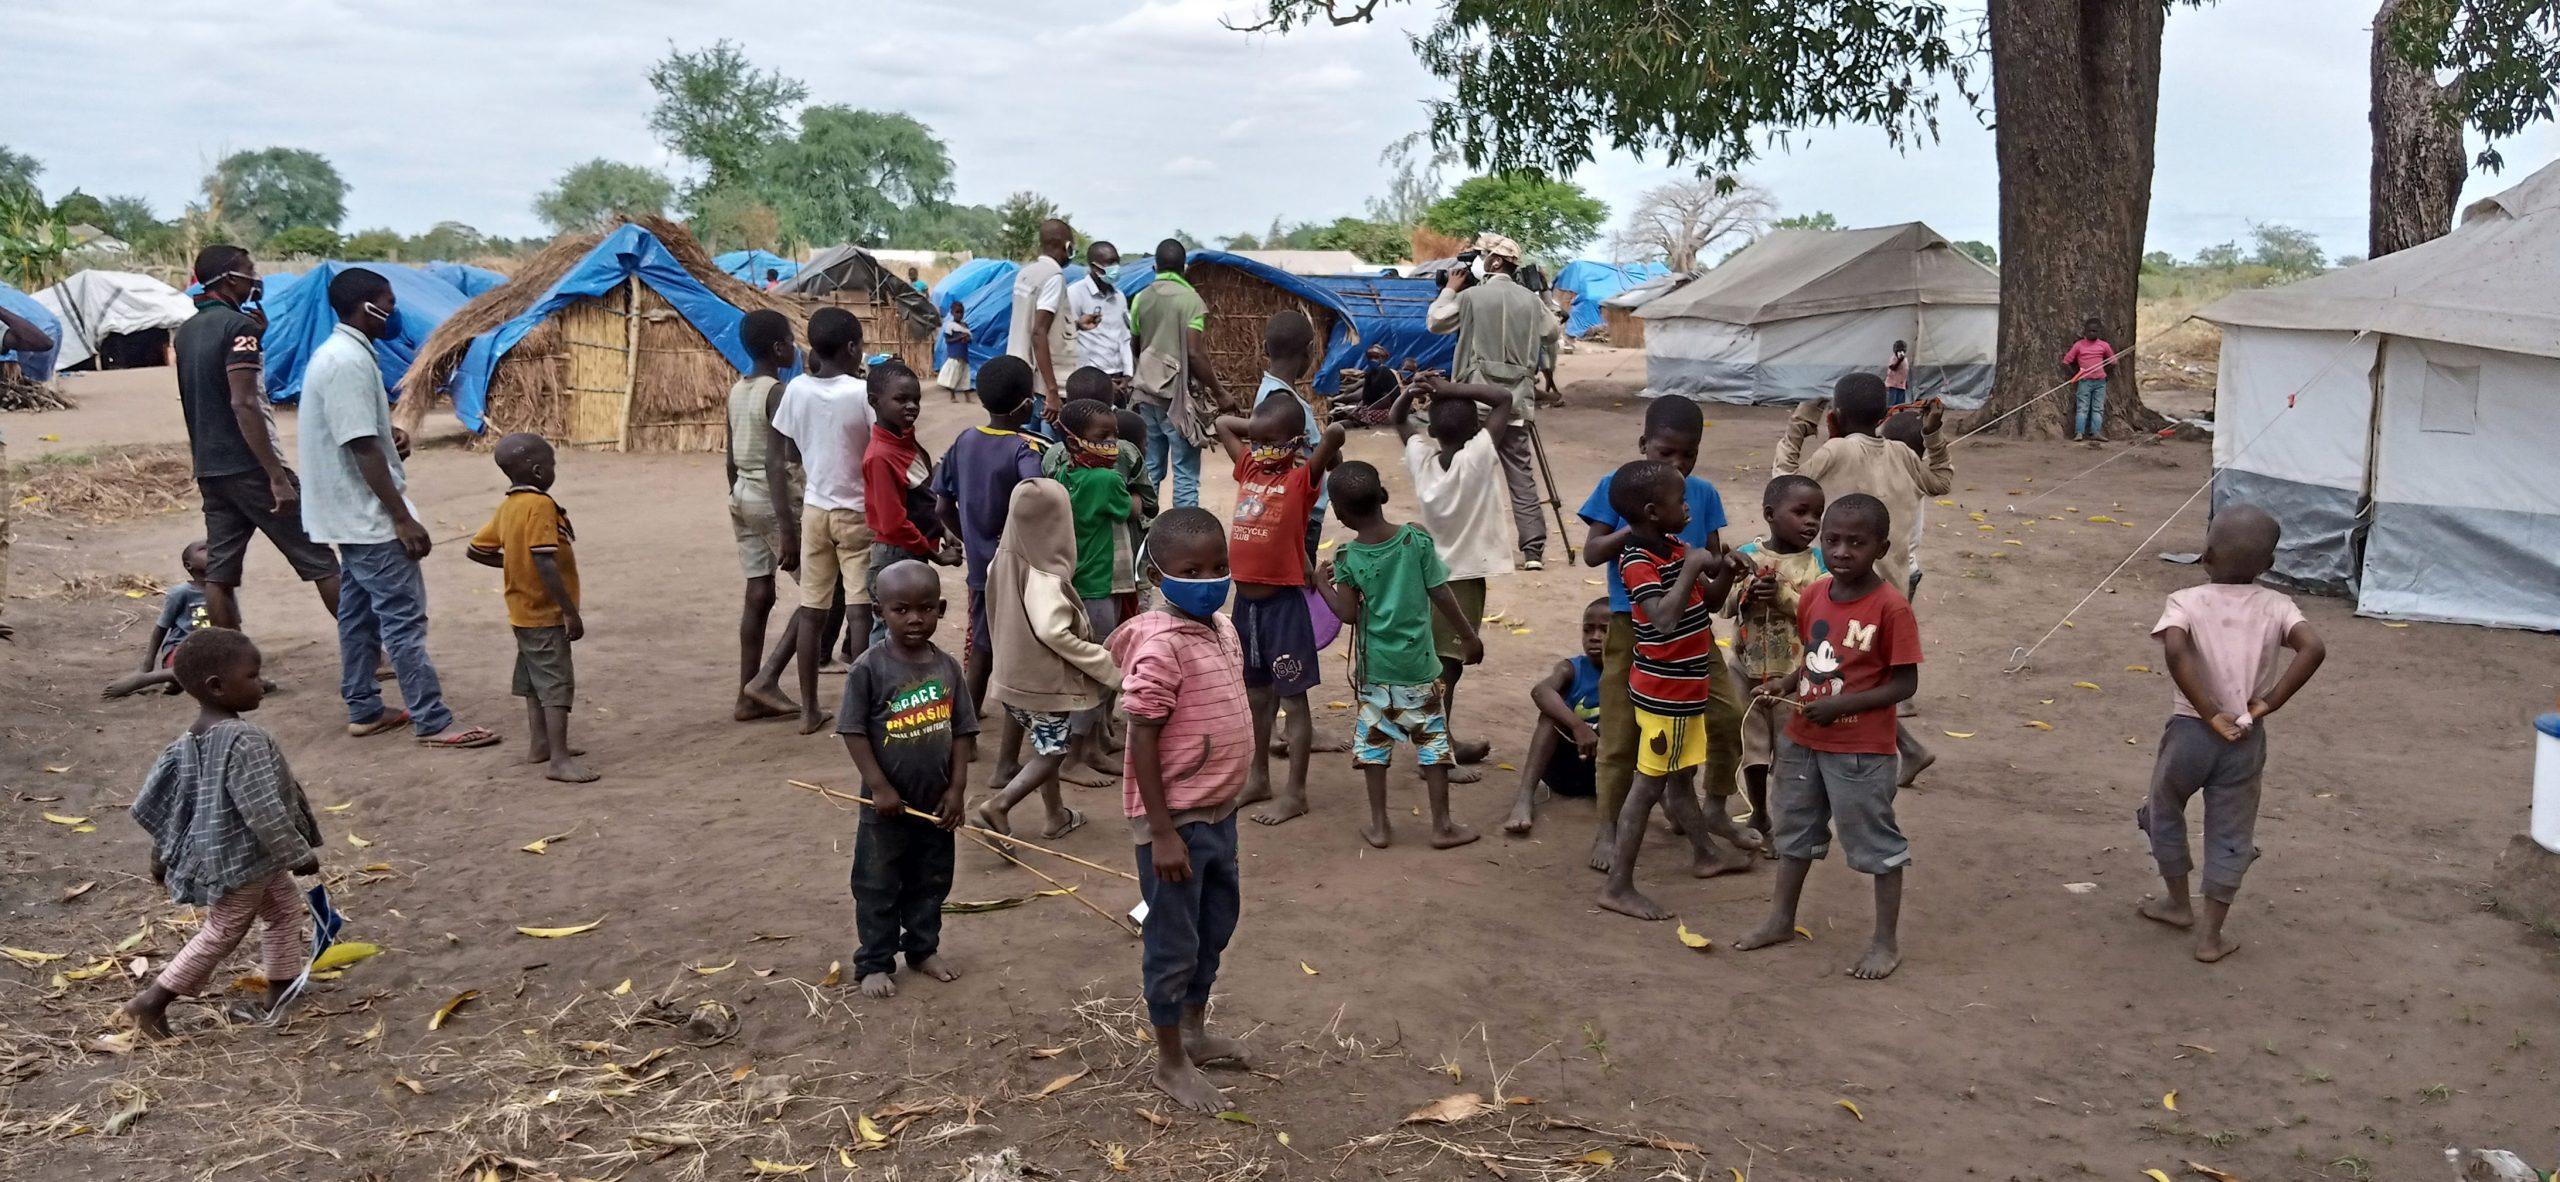 Mozambique: el terror llegó